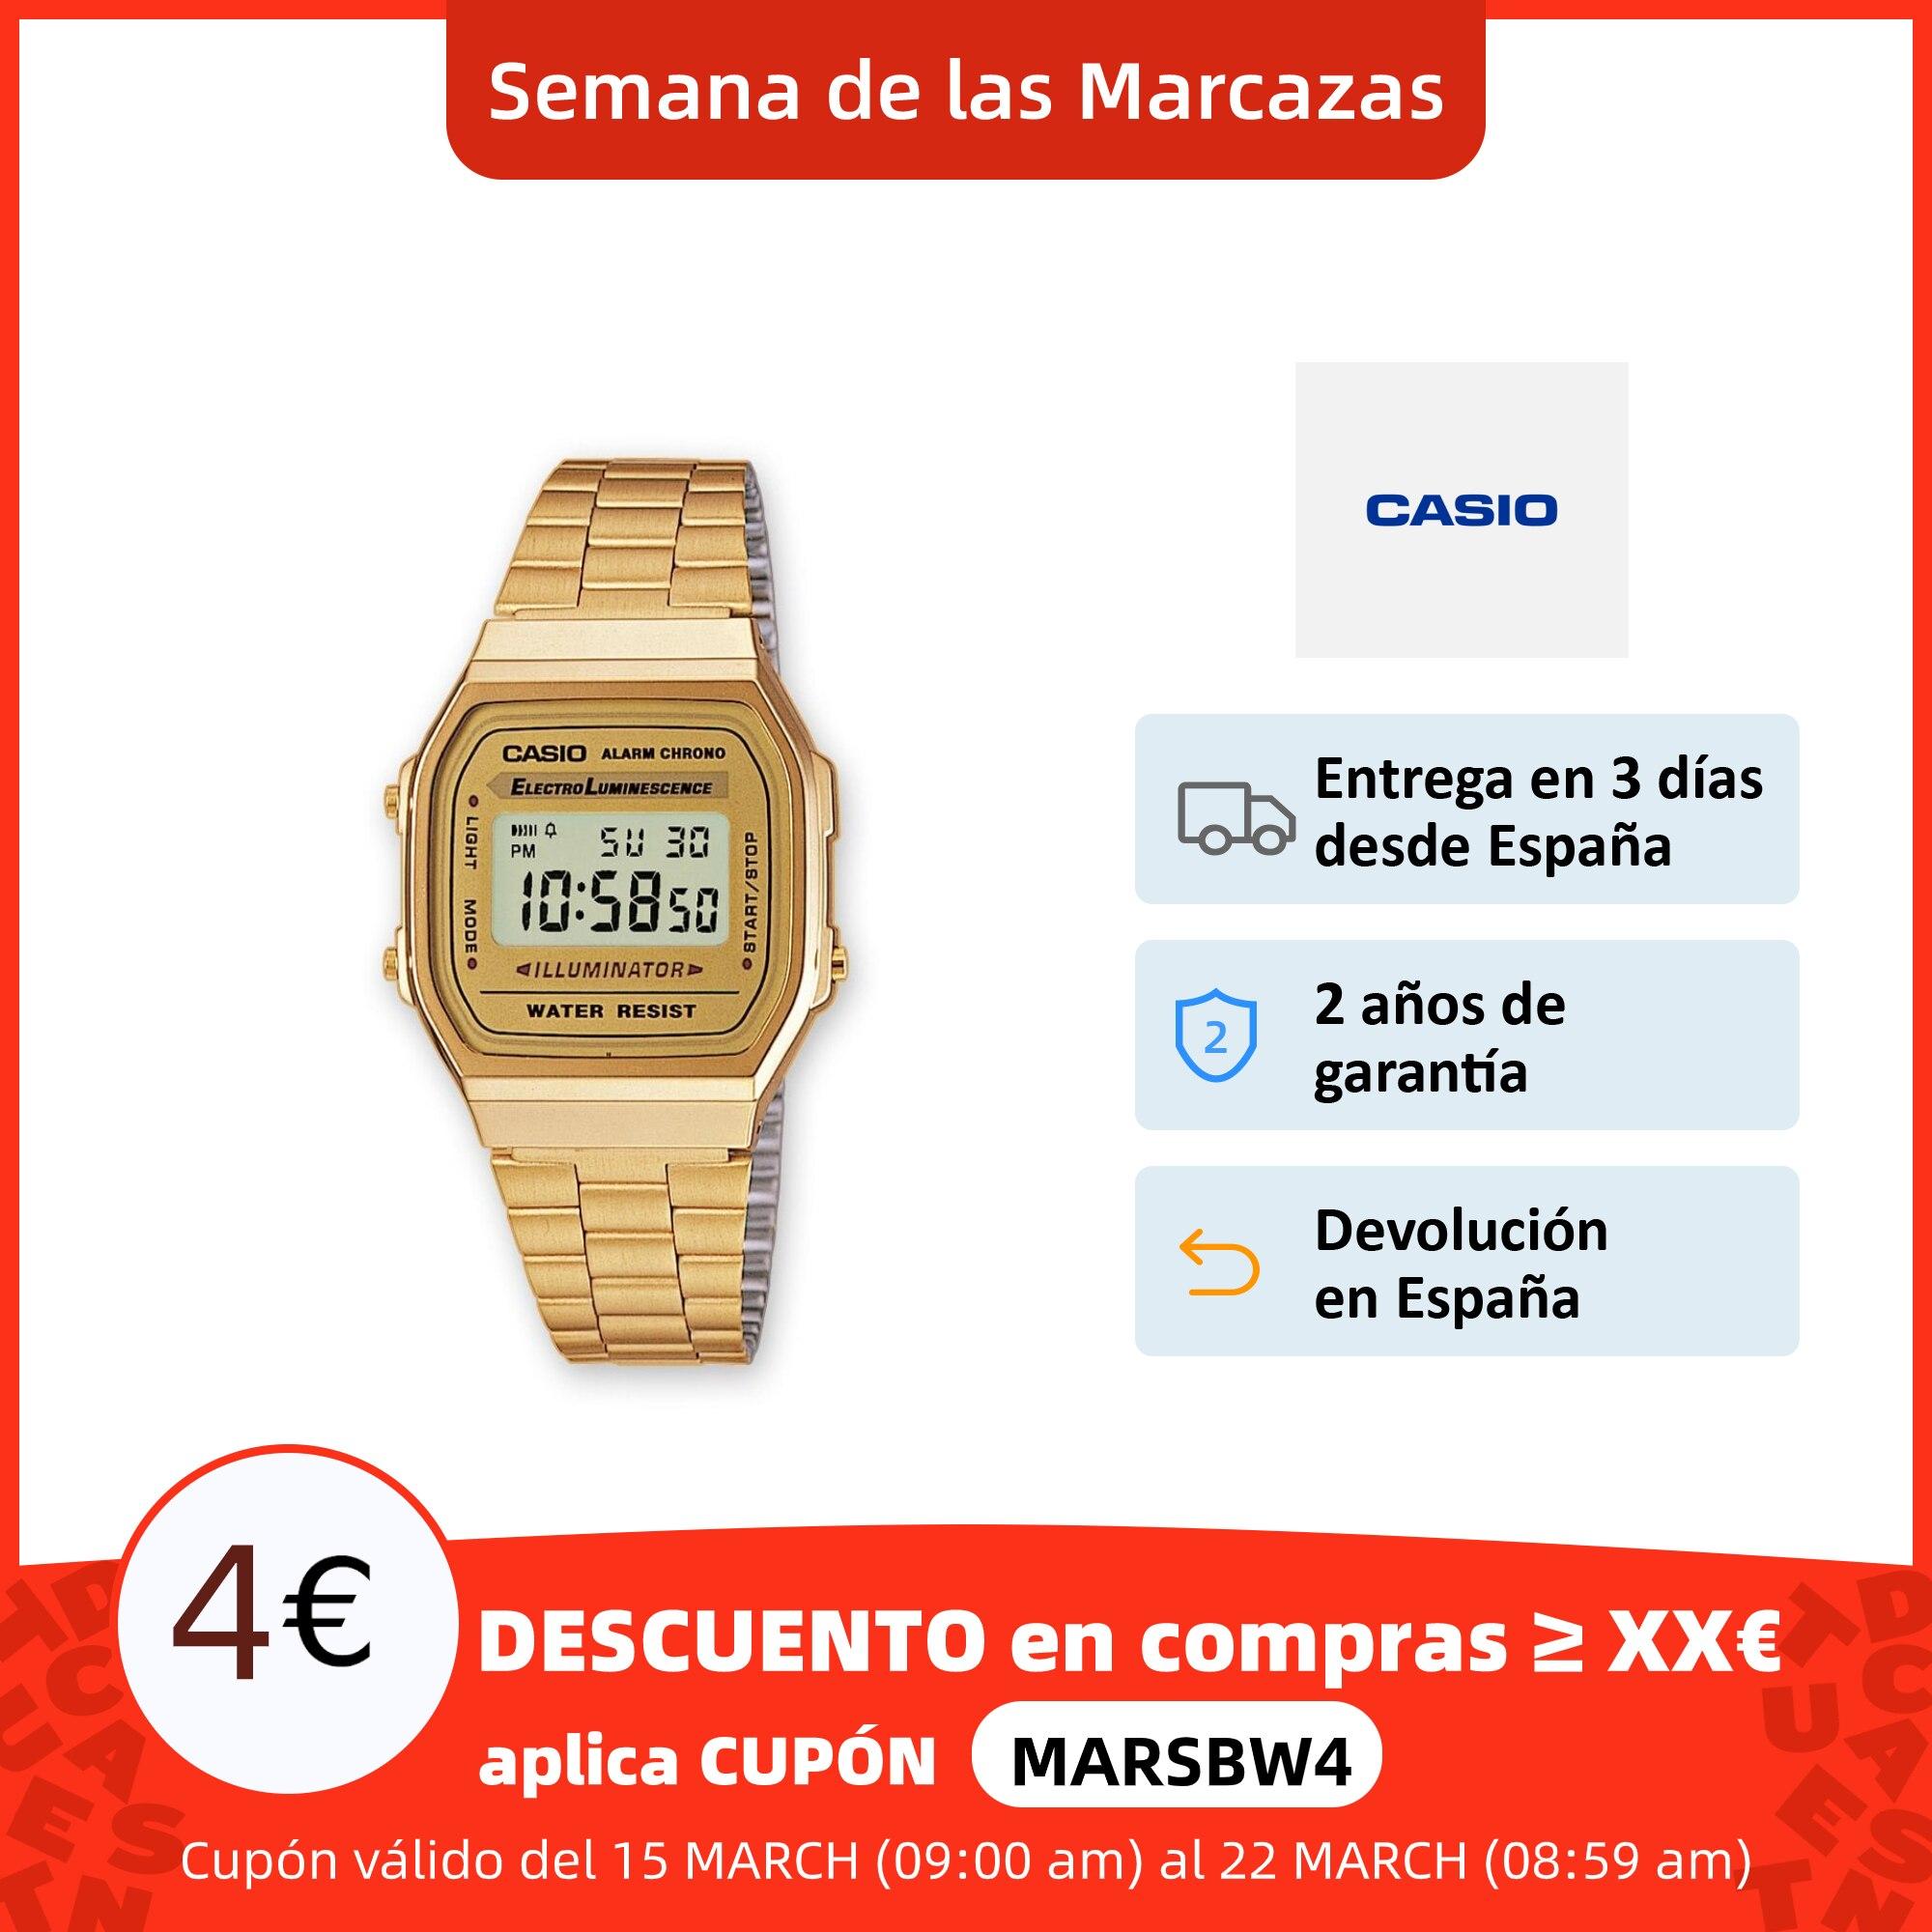 Casio Reloj digital de oro A168WG para hombres y mujeres, pulsera de moda para deporte, Casio A168WG Relojes digitales  - AliExpress